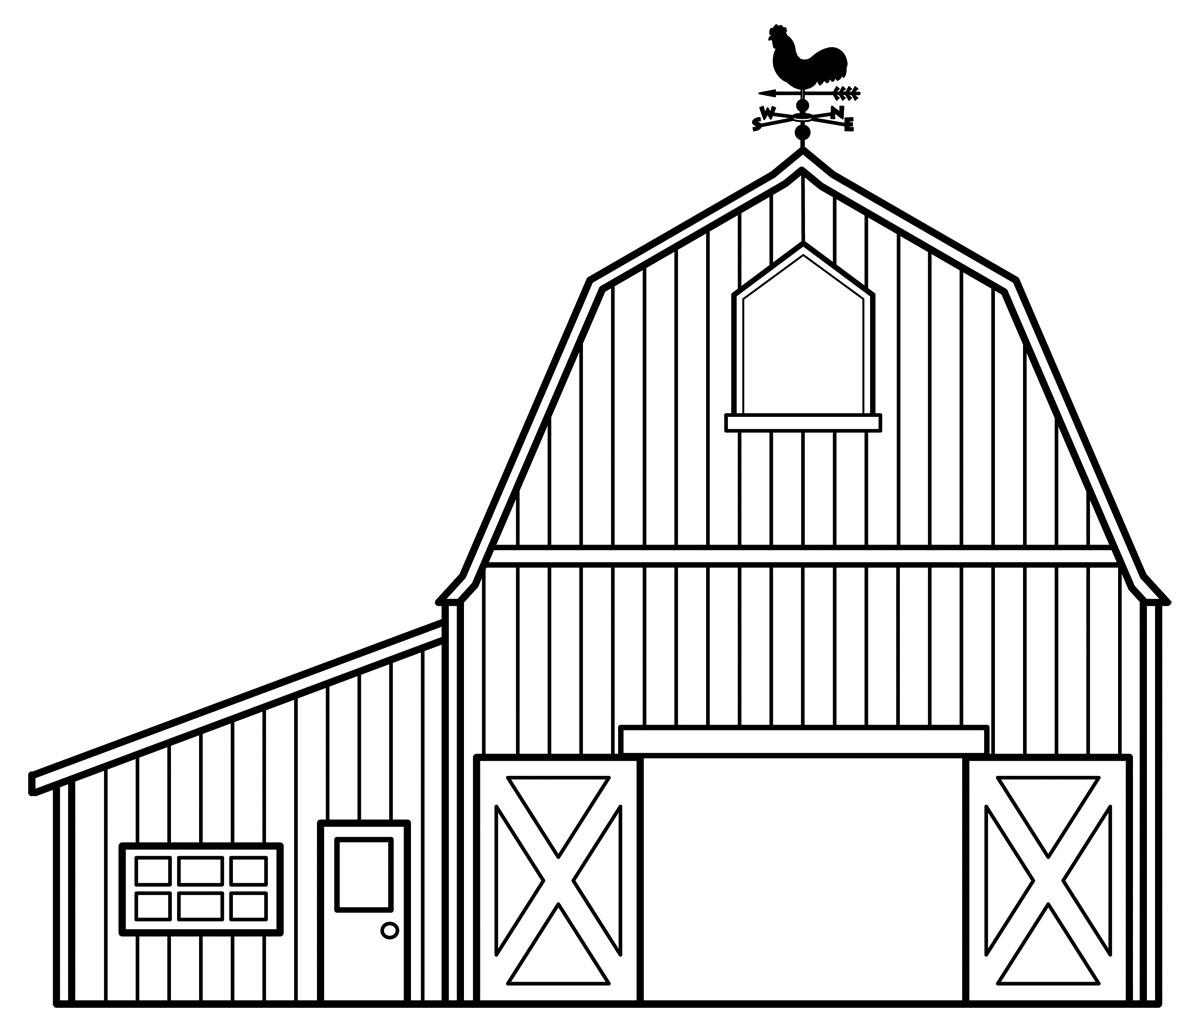 Barn coloring #14, Download drawings